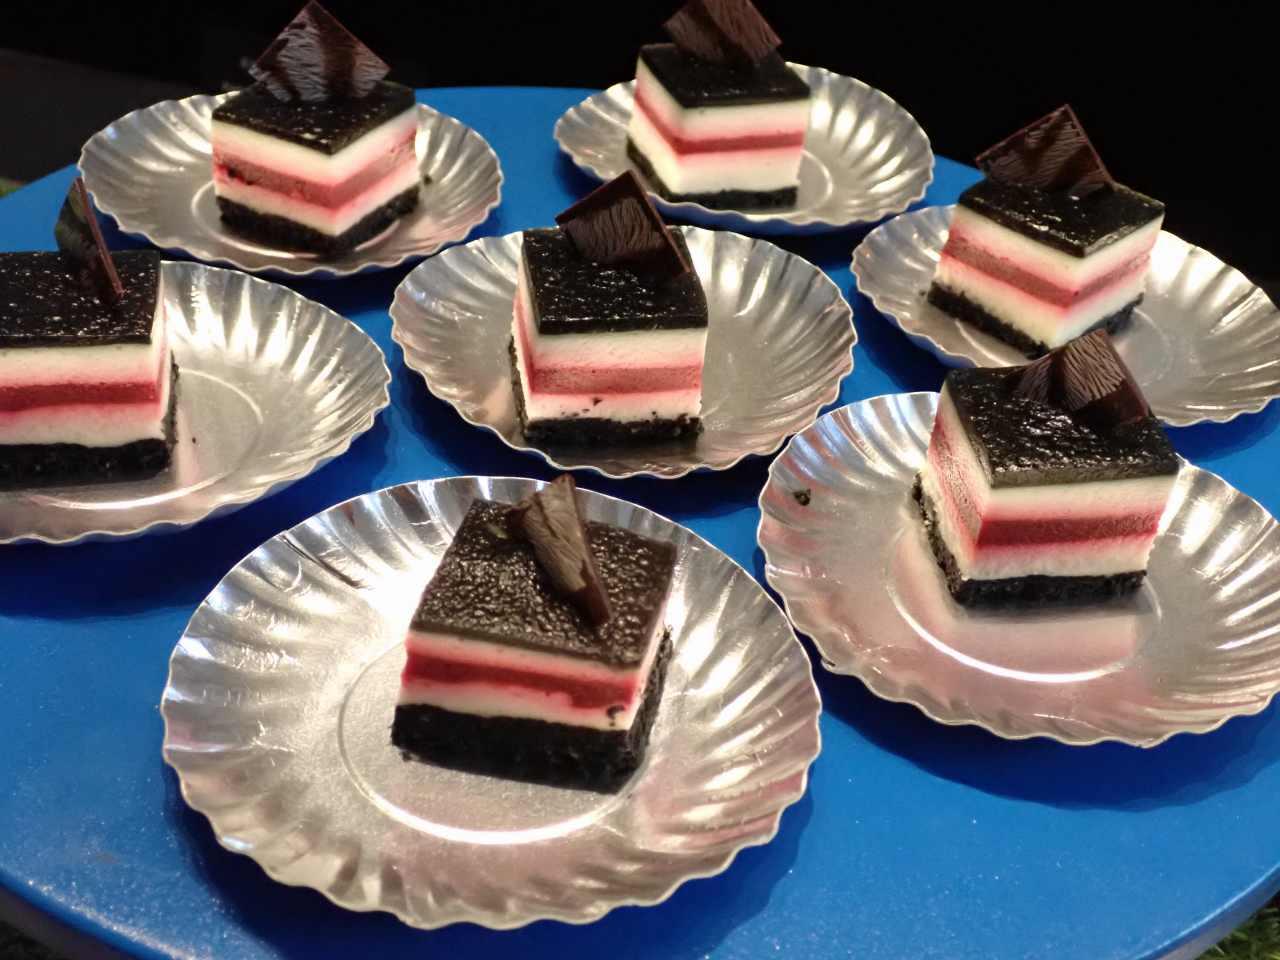 赤と黒のストライプのチーズケーキ